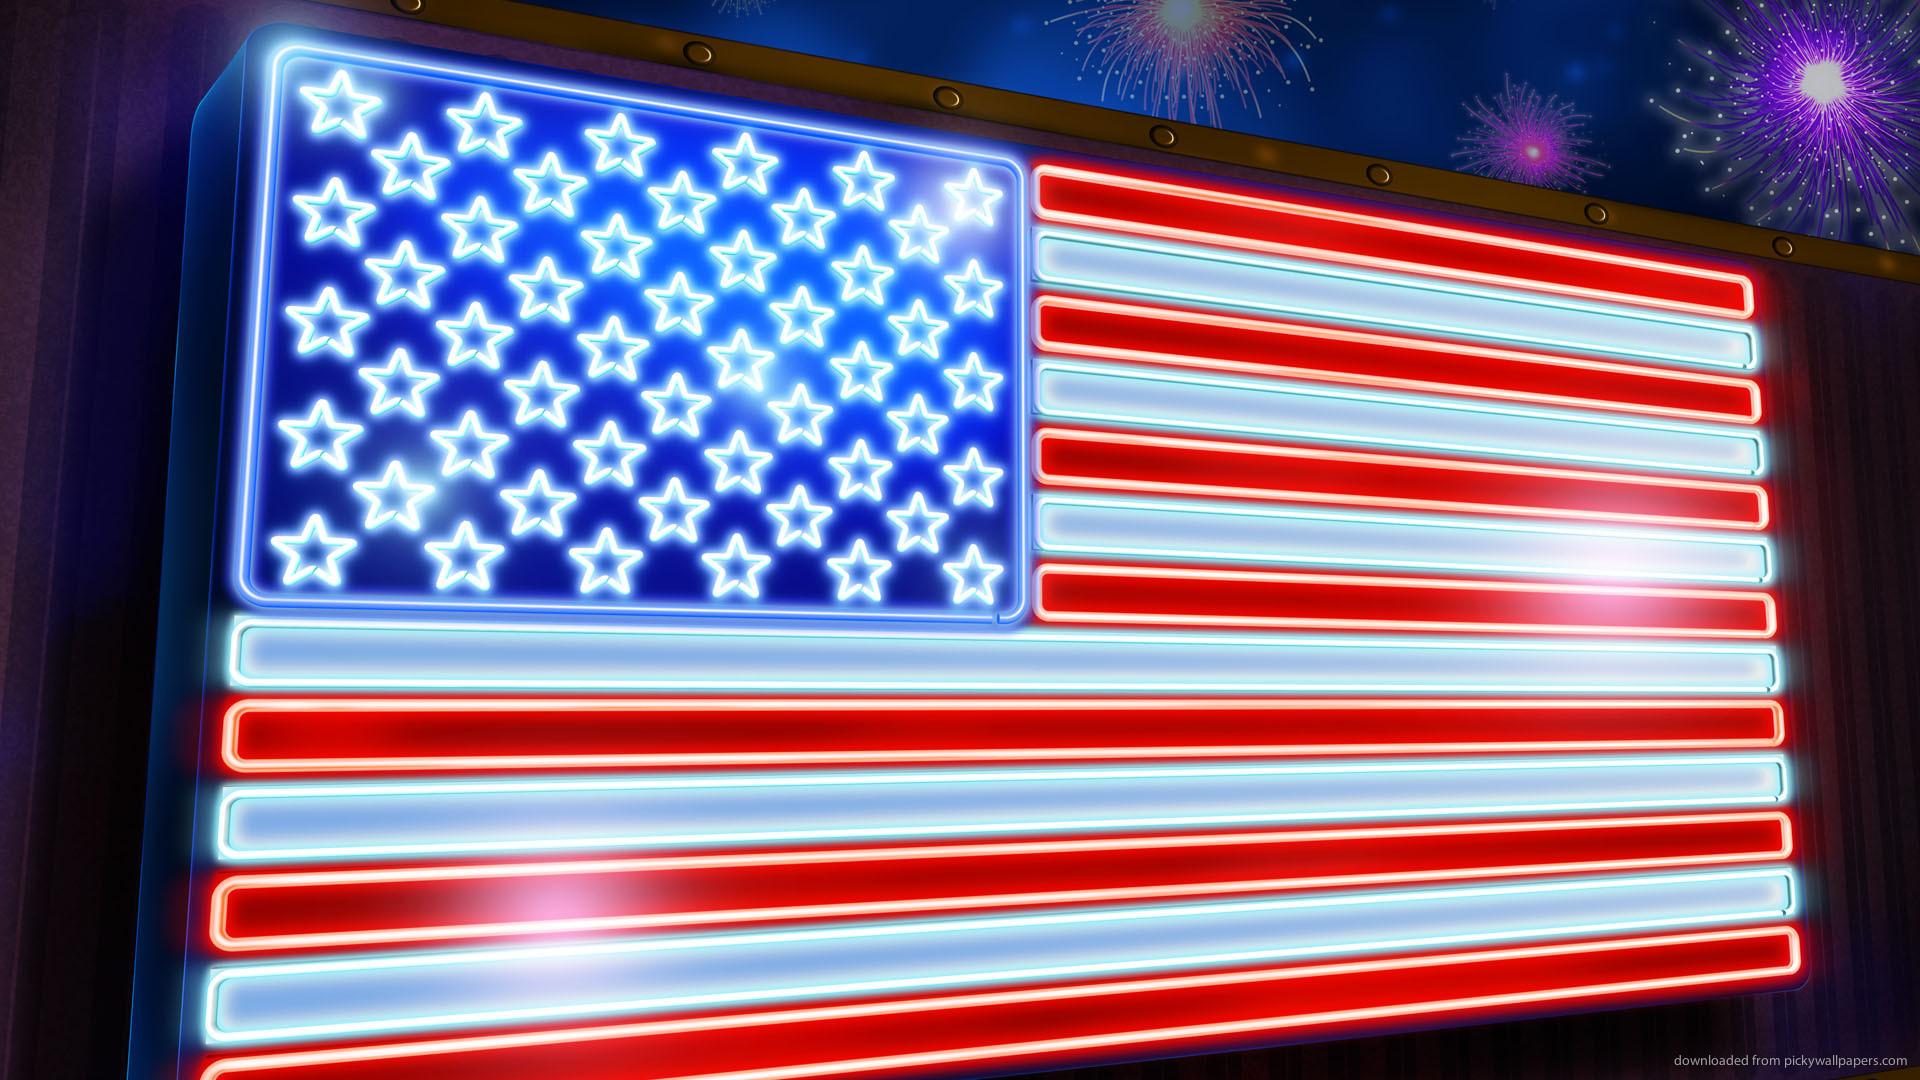 HD Neon USA flag wallpaper